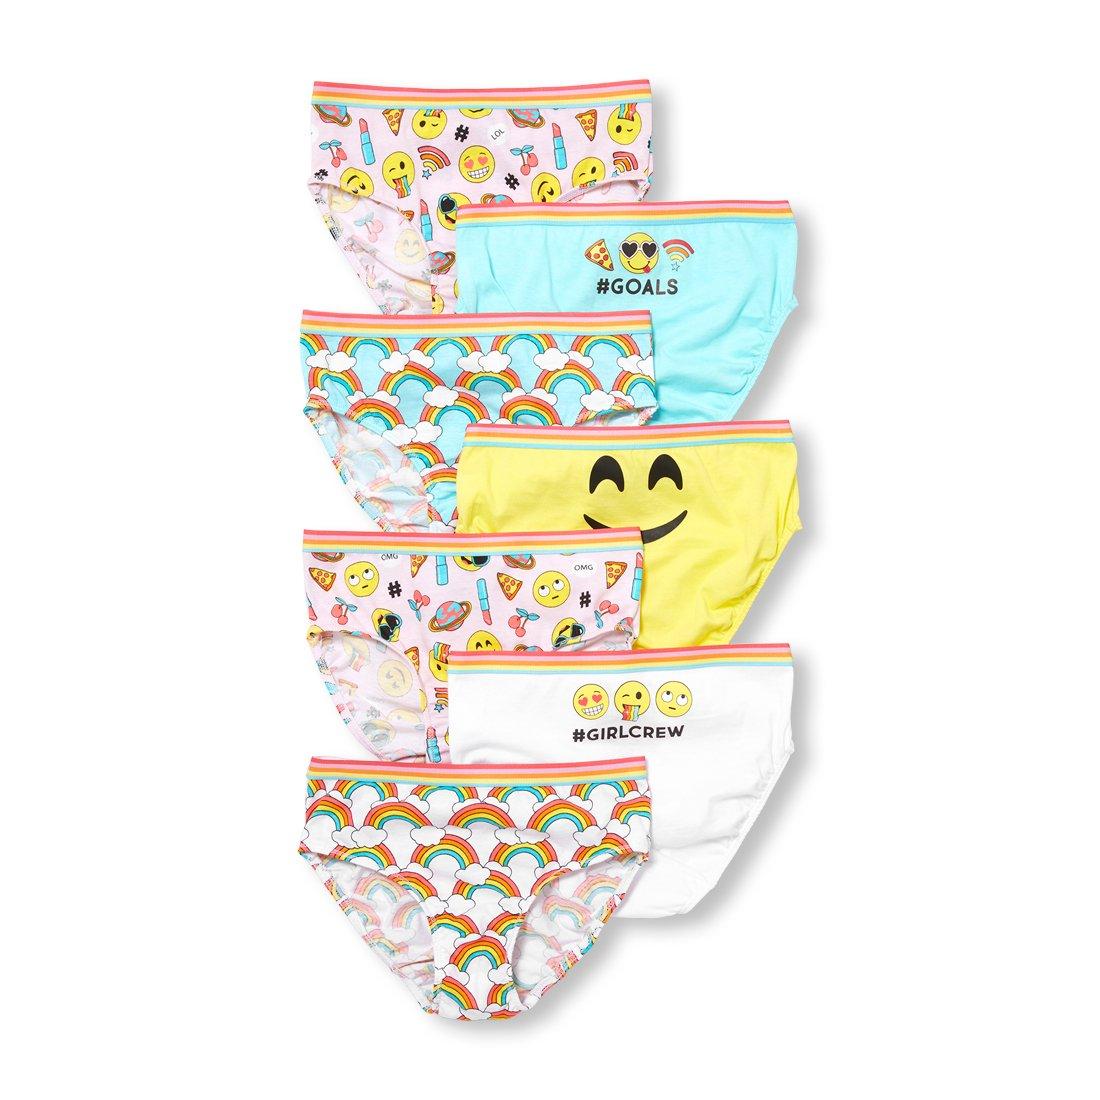 The Children's Place Big Girls' 7 Pack Fashion Underwear, Multi Clr, M (7/8)